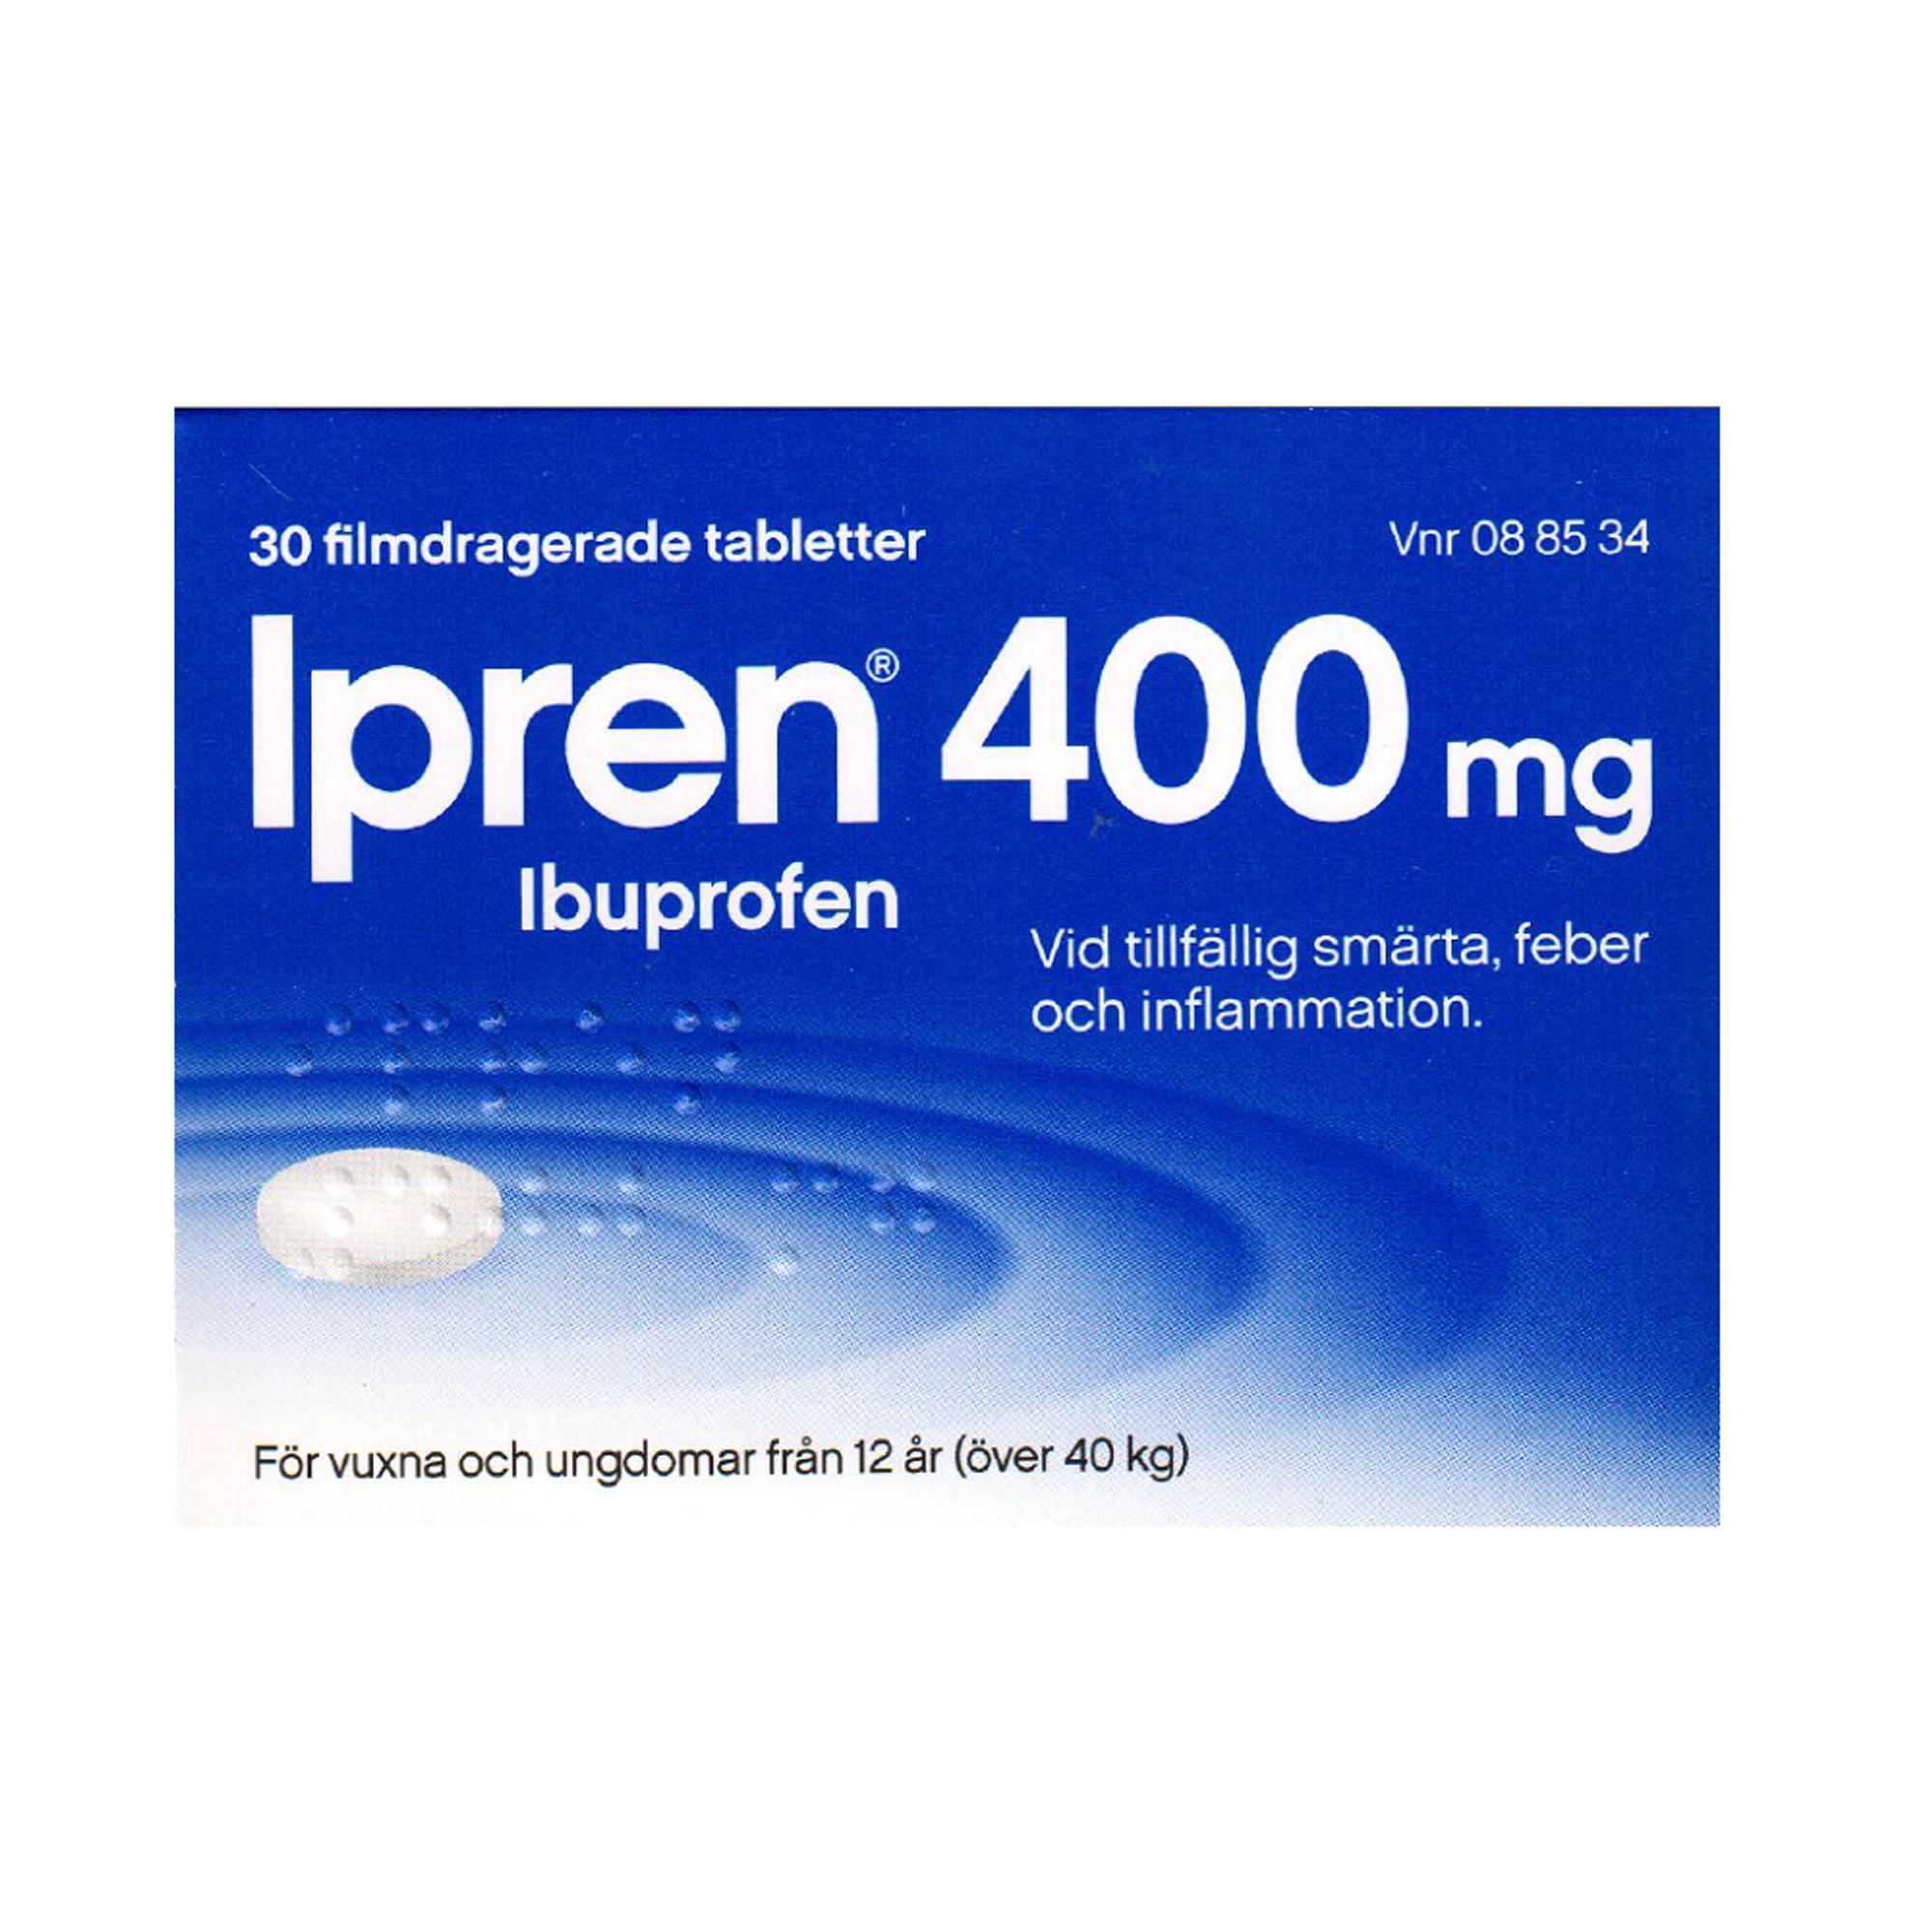 ipren dosering vid inflammation